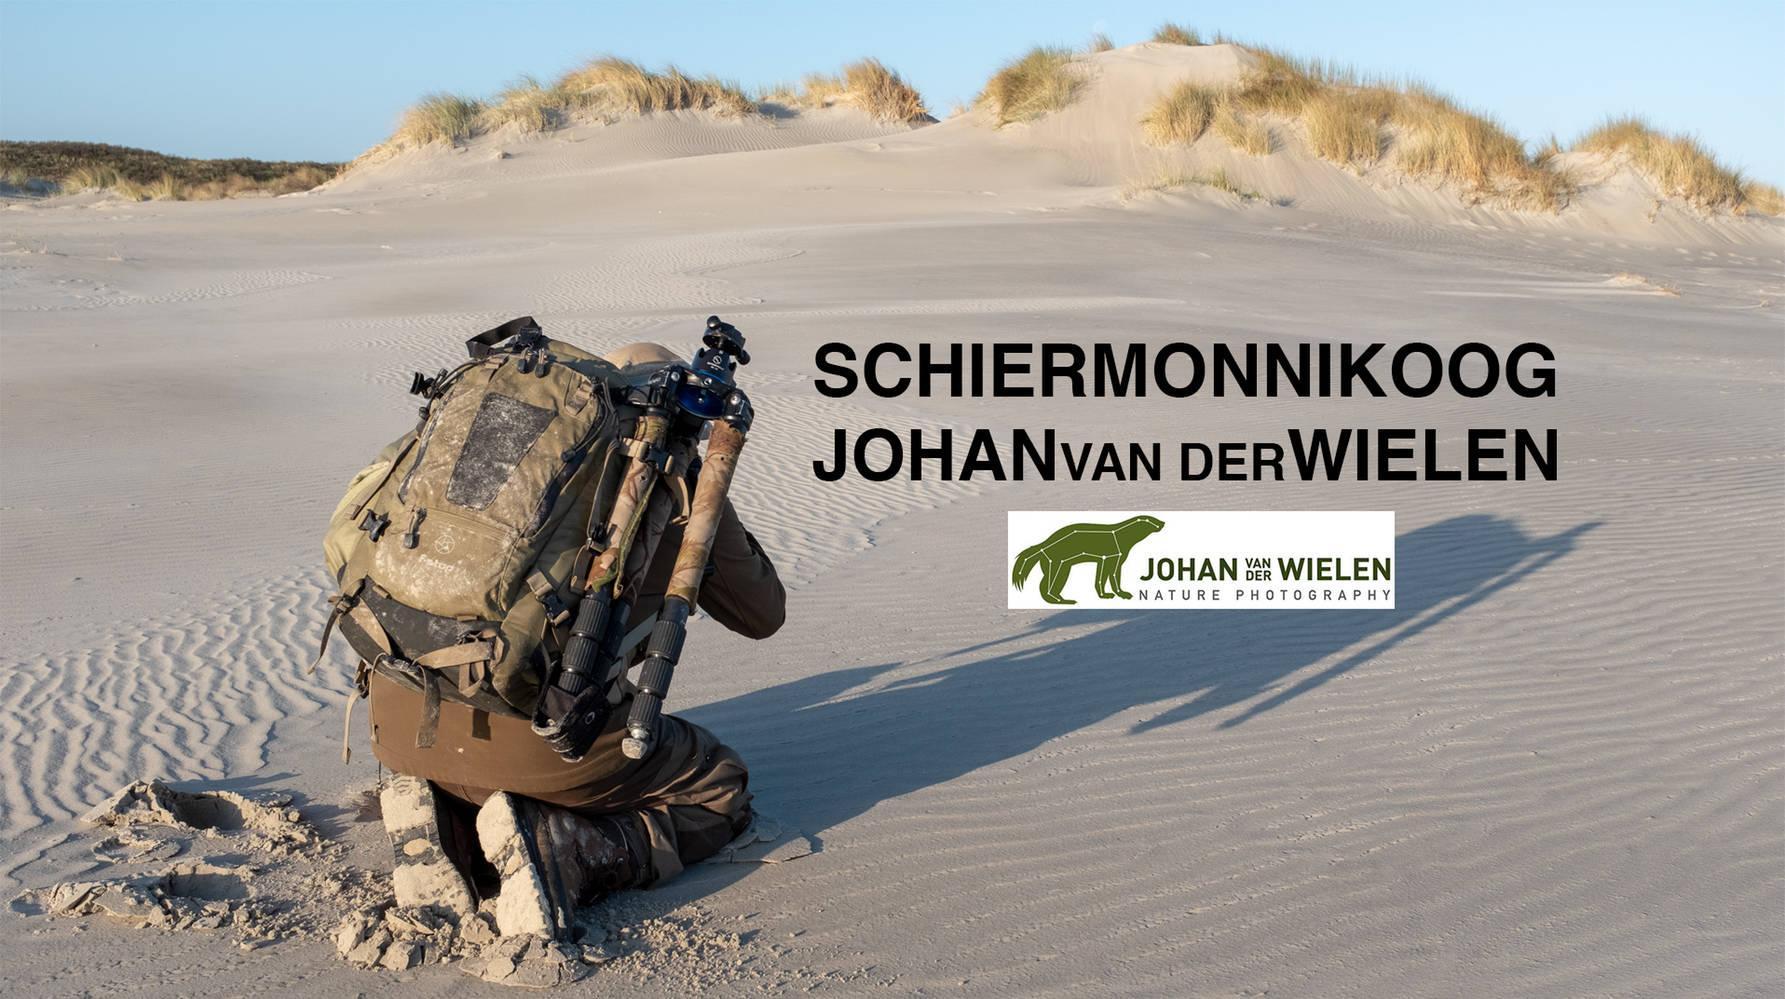 Schiermonnikoog met Johan van der Wielen